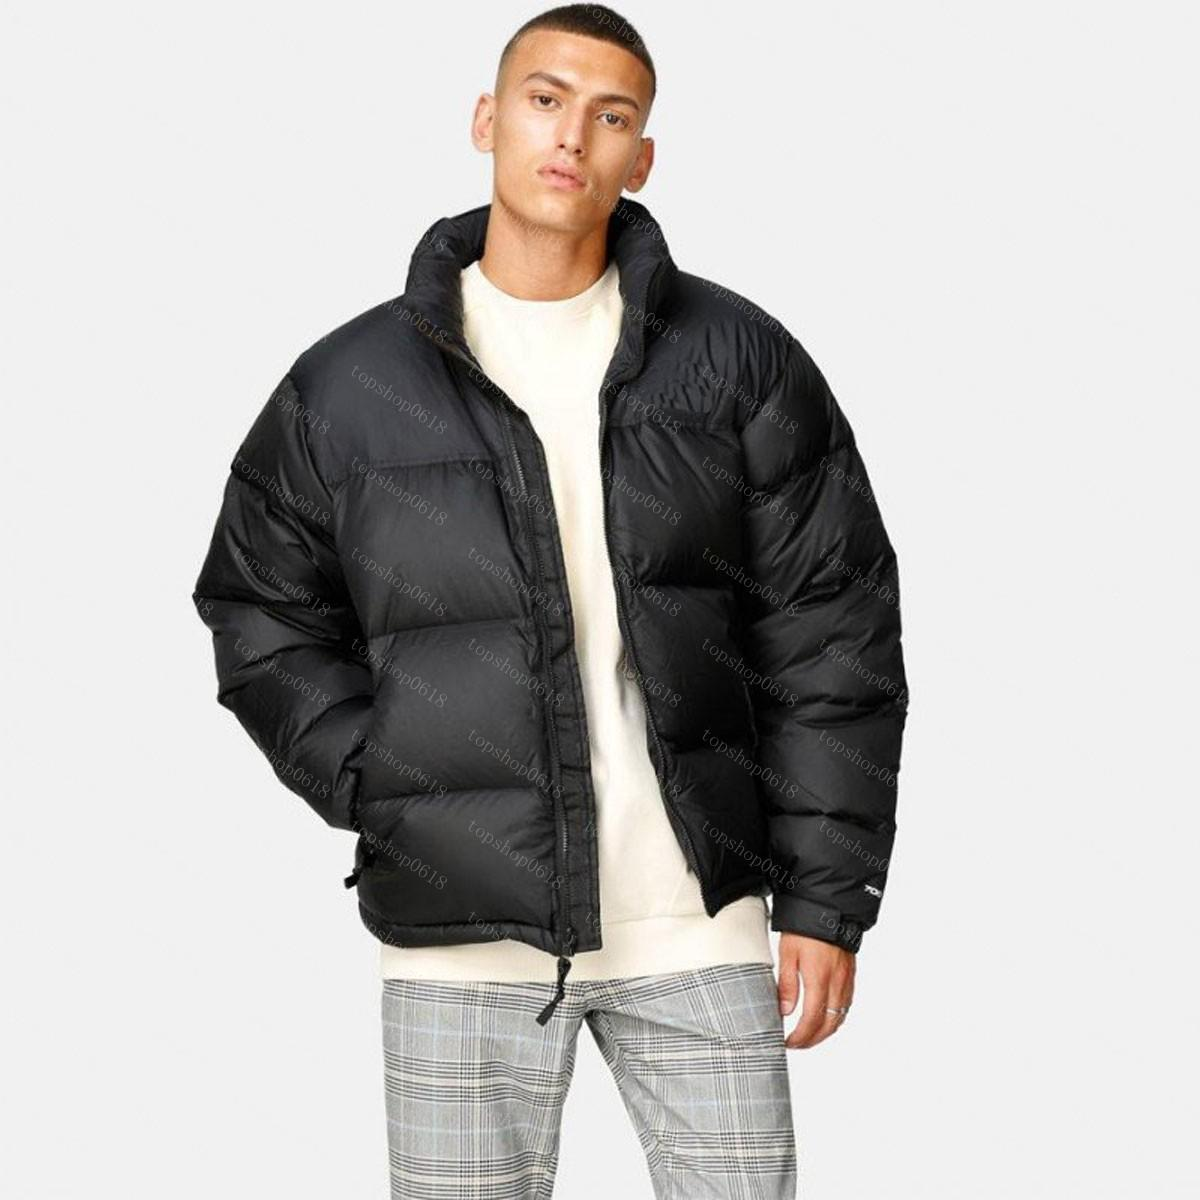 2021 Chaqueta de invierno de la chaqueta de la calidad superior de los hombres chaquetas de sopladores con capucha con capucha Abrigos gruesos para hombre Parejas Parka Winters Abrigo Tamaño M-XXL